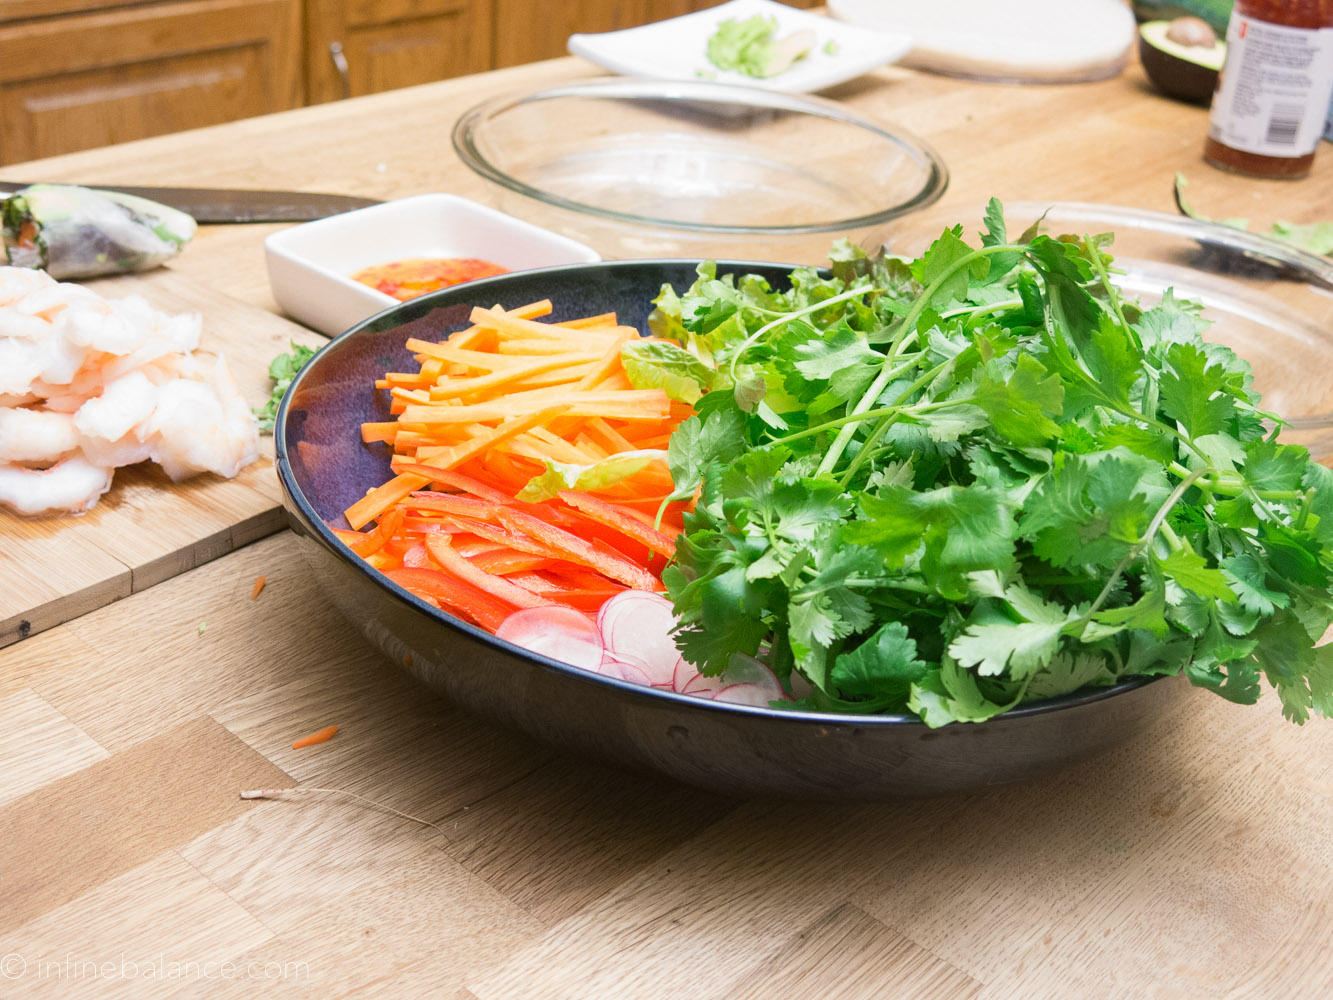 veggies prepped for making fresh vegan spring rolls